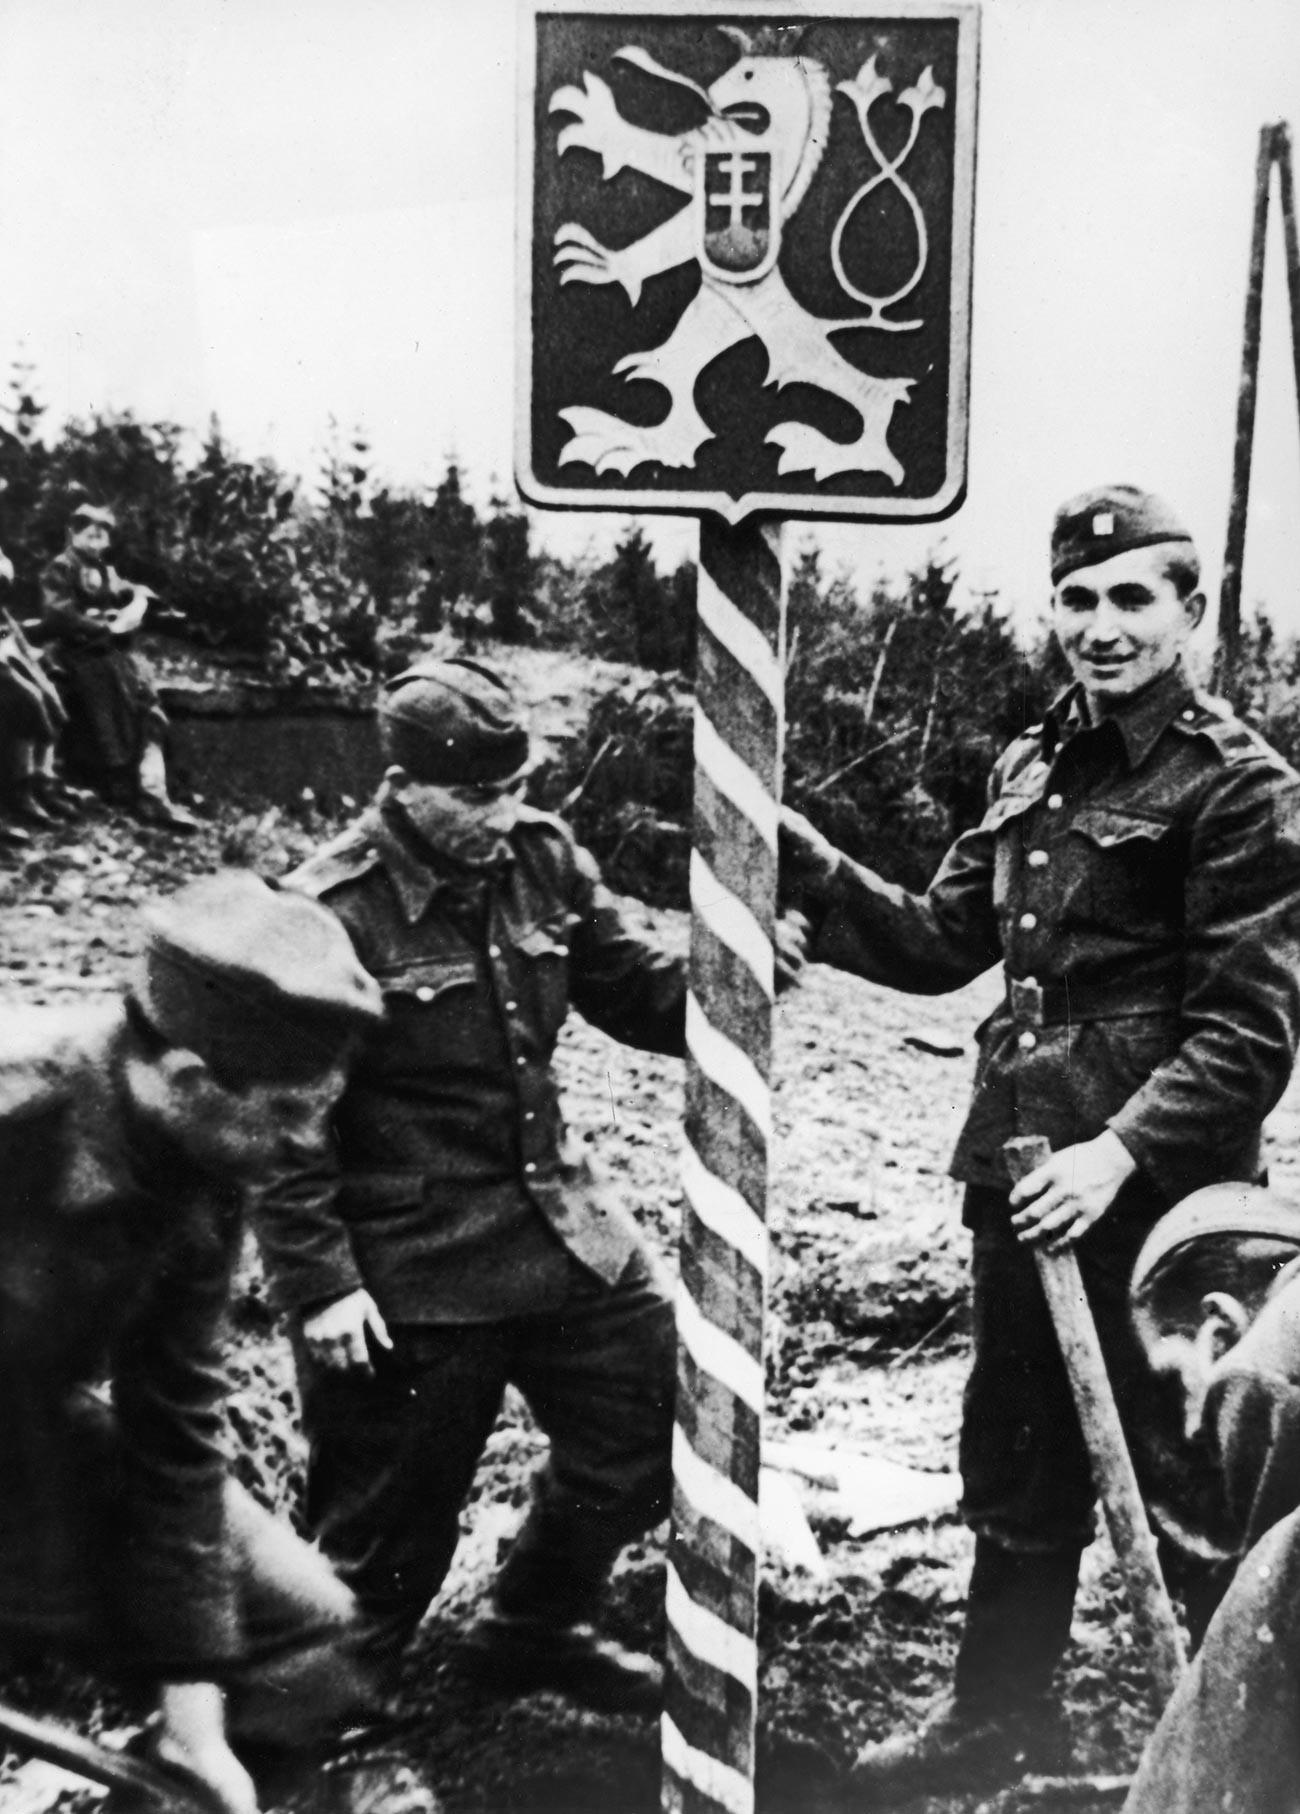 Чешки войници в руски униформи издигат нов граничен пункт на прохода Дукля в наскоро освободената част на страната си, на 13 декември 1944 г.